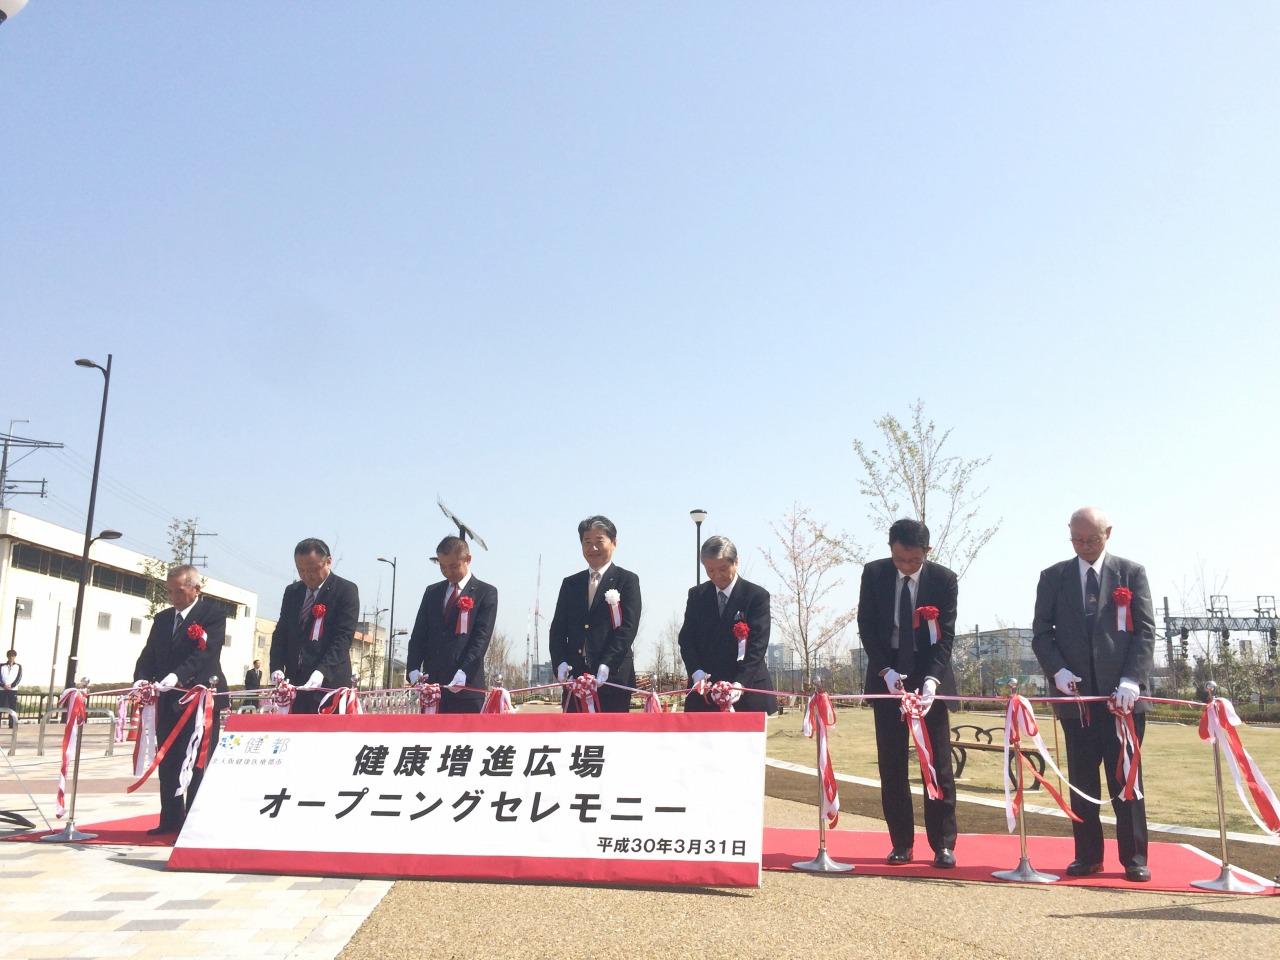 吹田市・健都レールサイド公園に「健康増進広場」が誕生